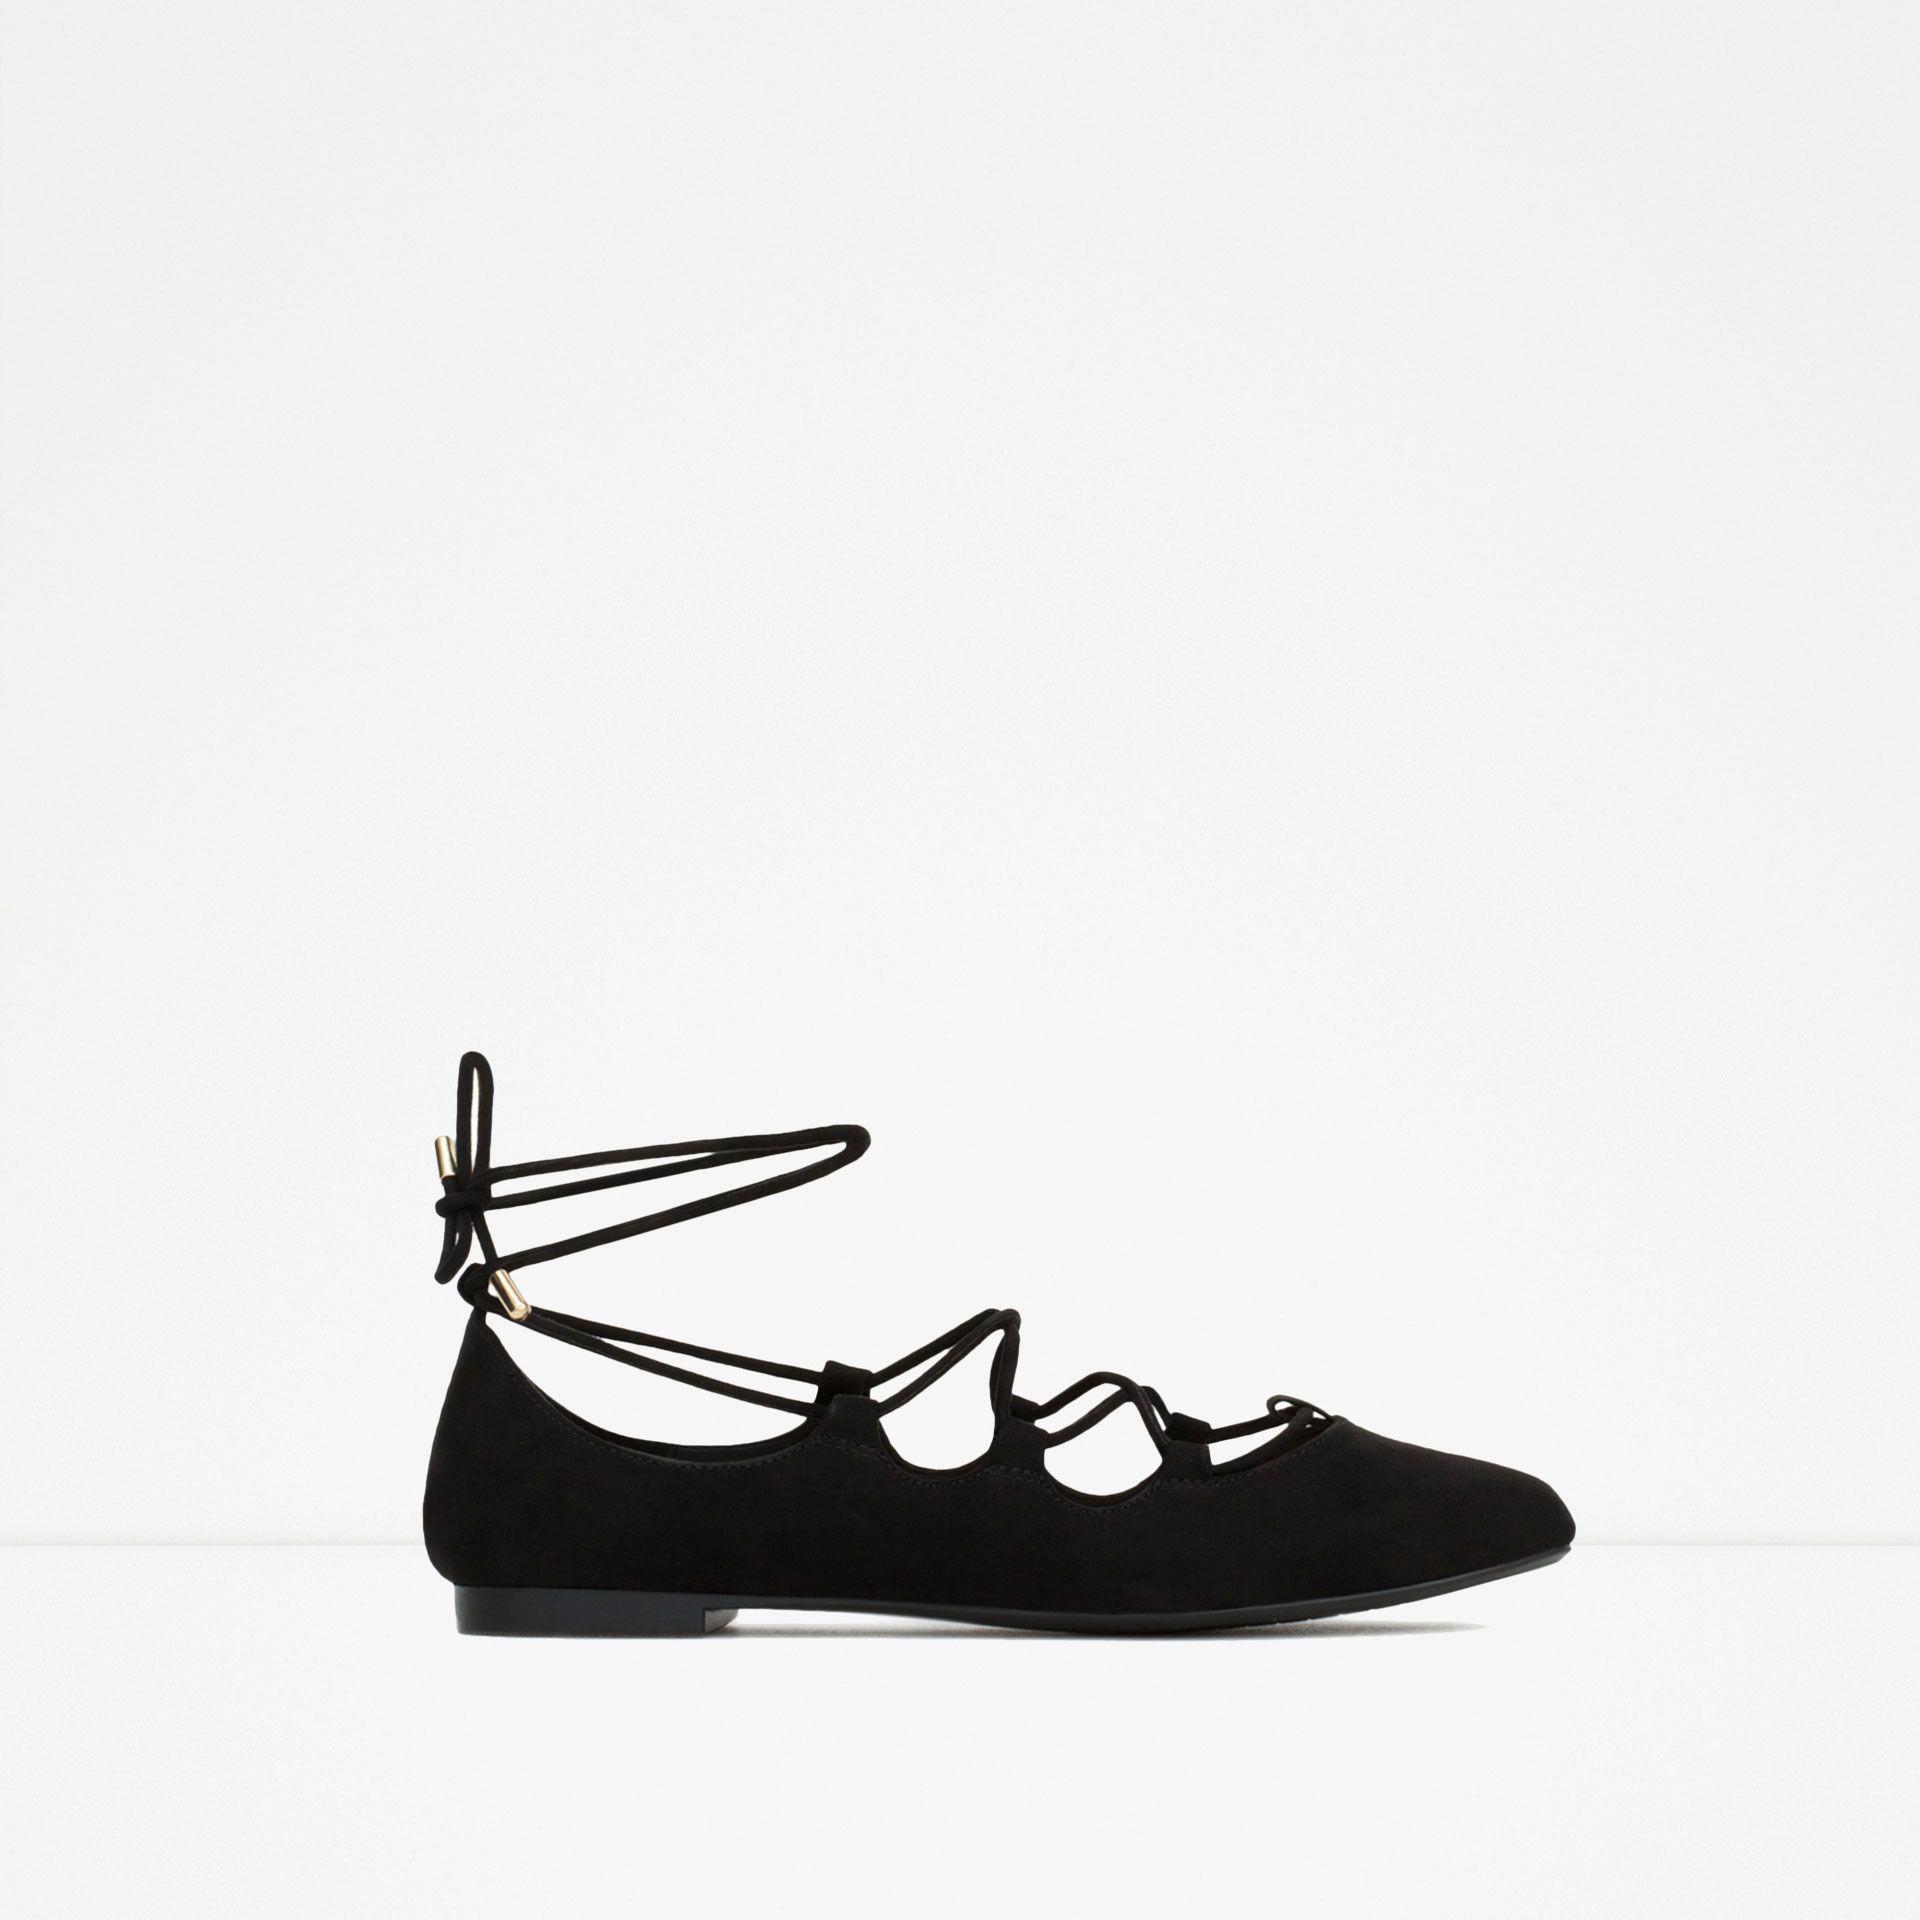 BAILARINA ATADA - Zapatos - Mujer - COLECCIÓN AW15 | ZARA España